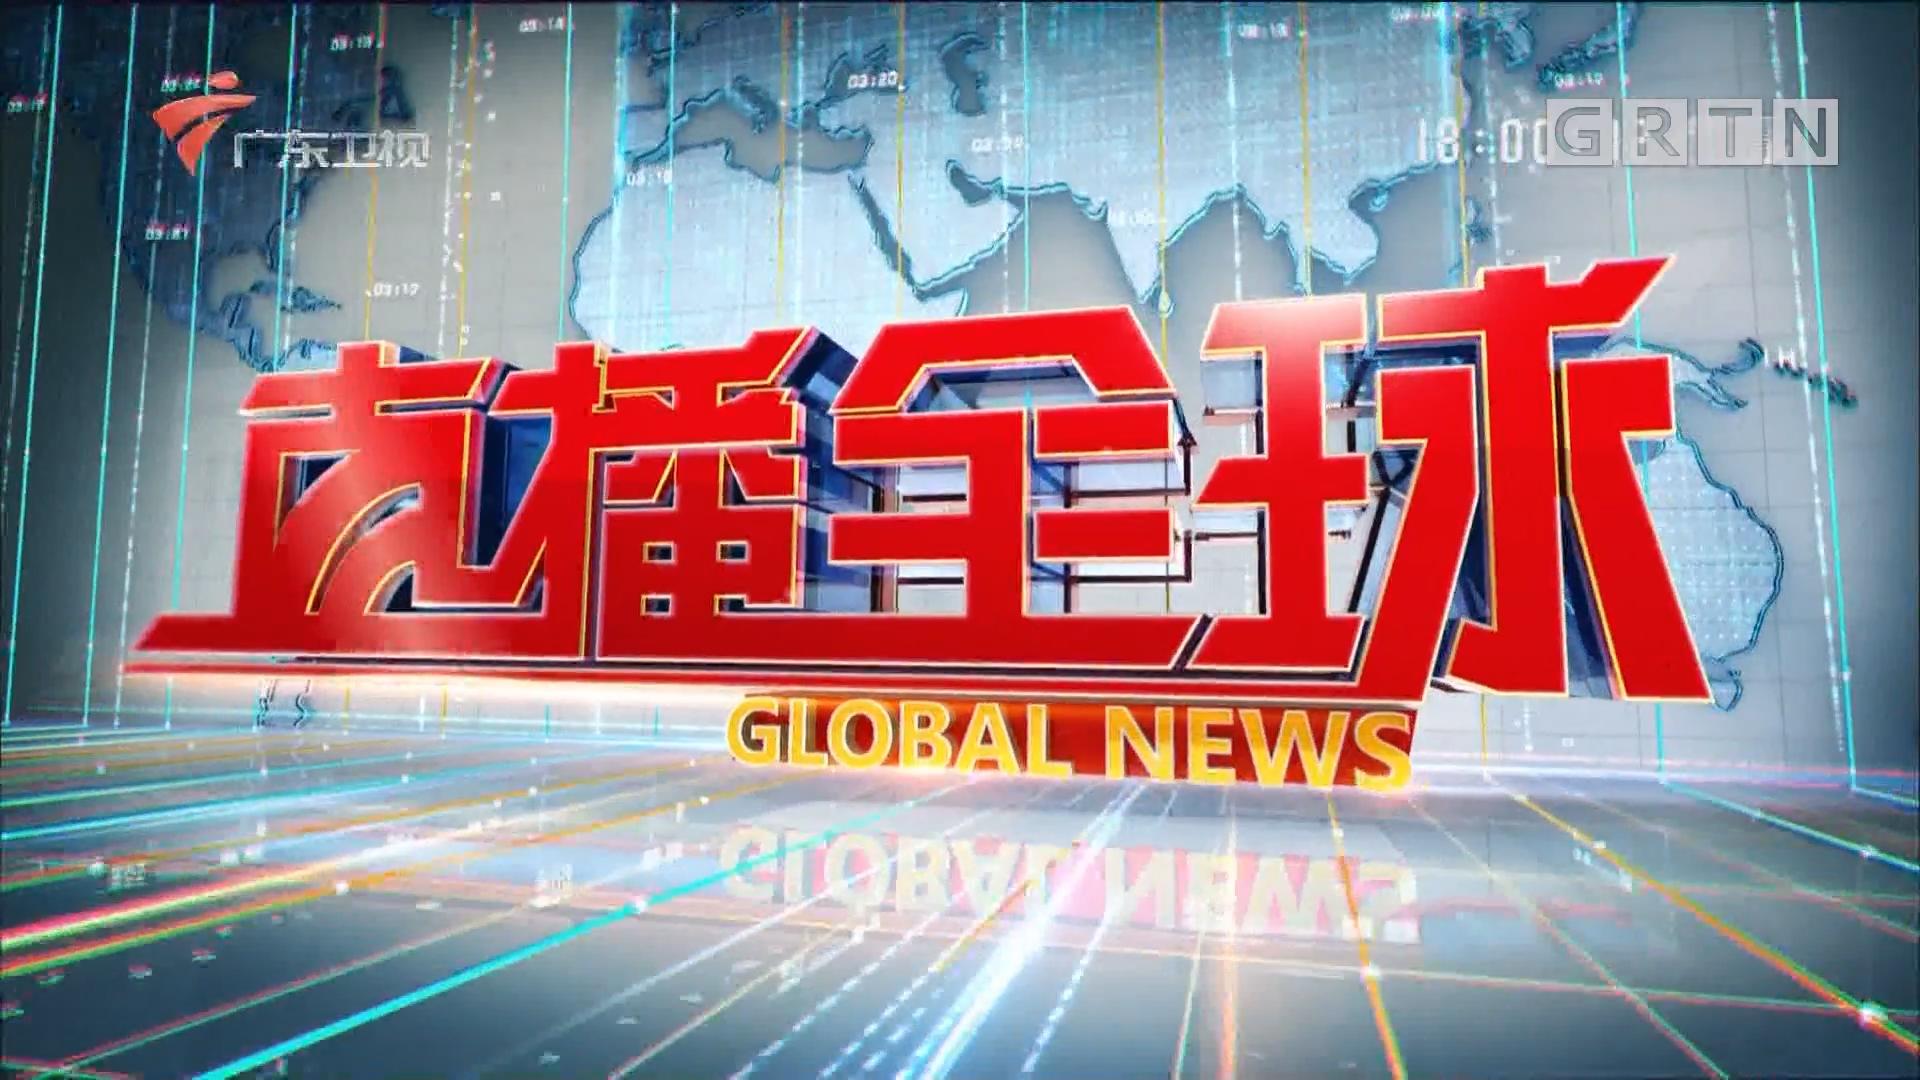 [HD][2019-05-15]直播全球:亚洲文明对话大会今开幕 习近平主?#20339;?#35762;提出四点主张:坚持相互尊重 平等相待